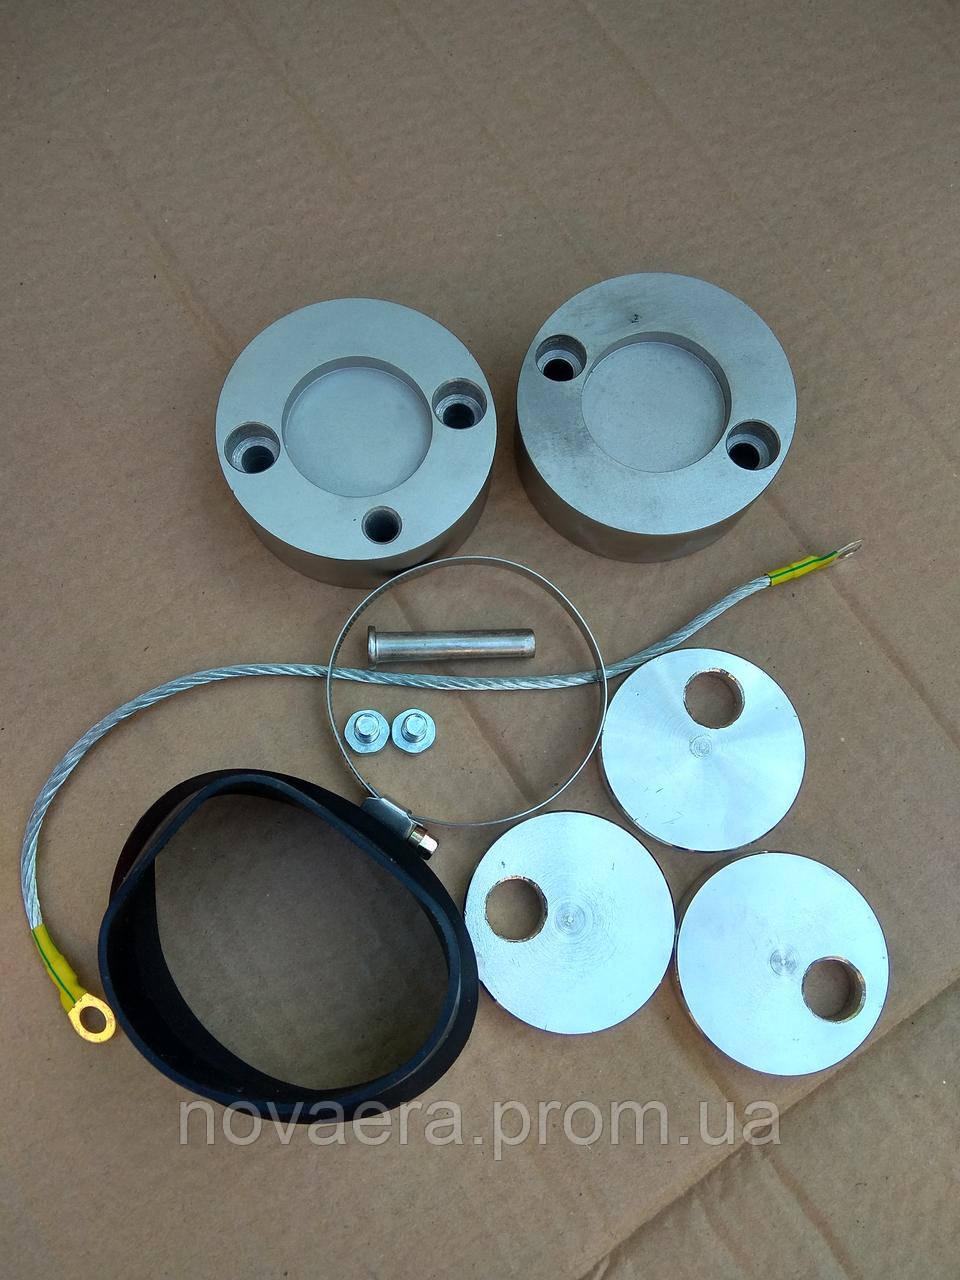 Установочный комплект для датчиков KELI тип ZSFY-A от 10 т до 50 т